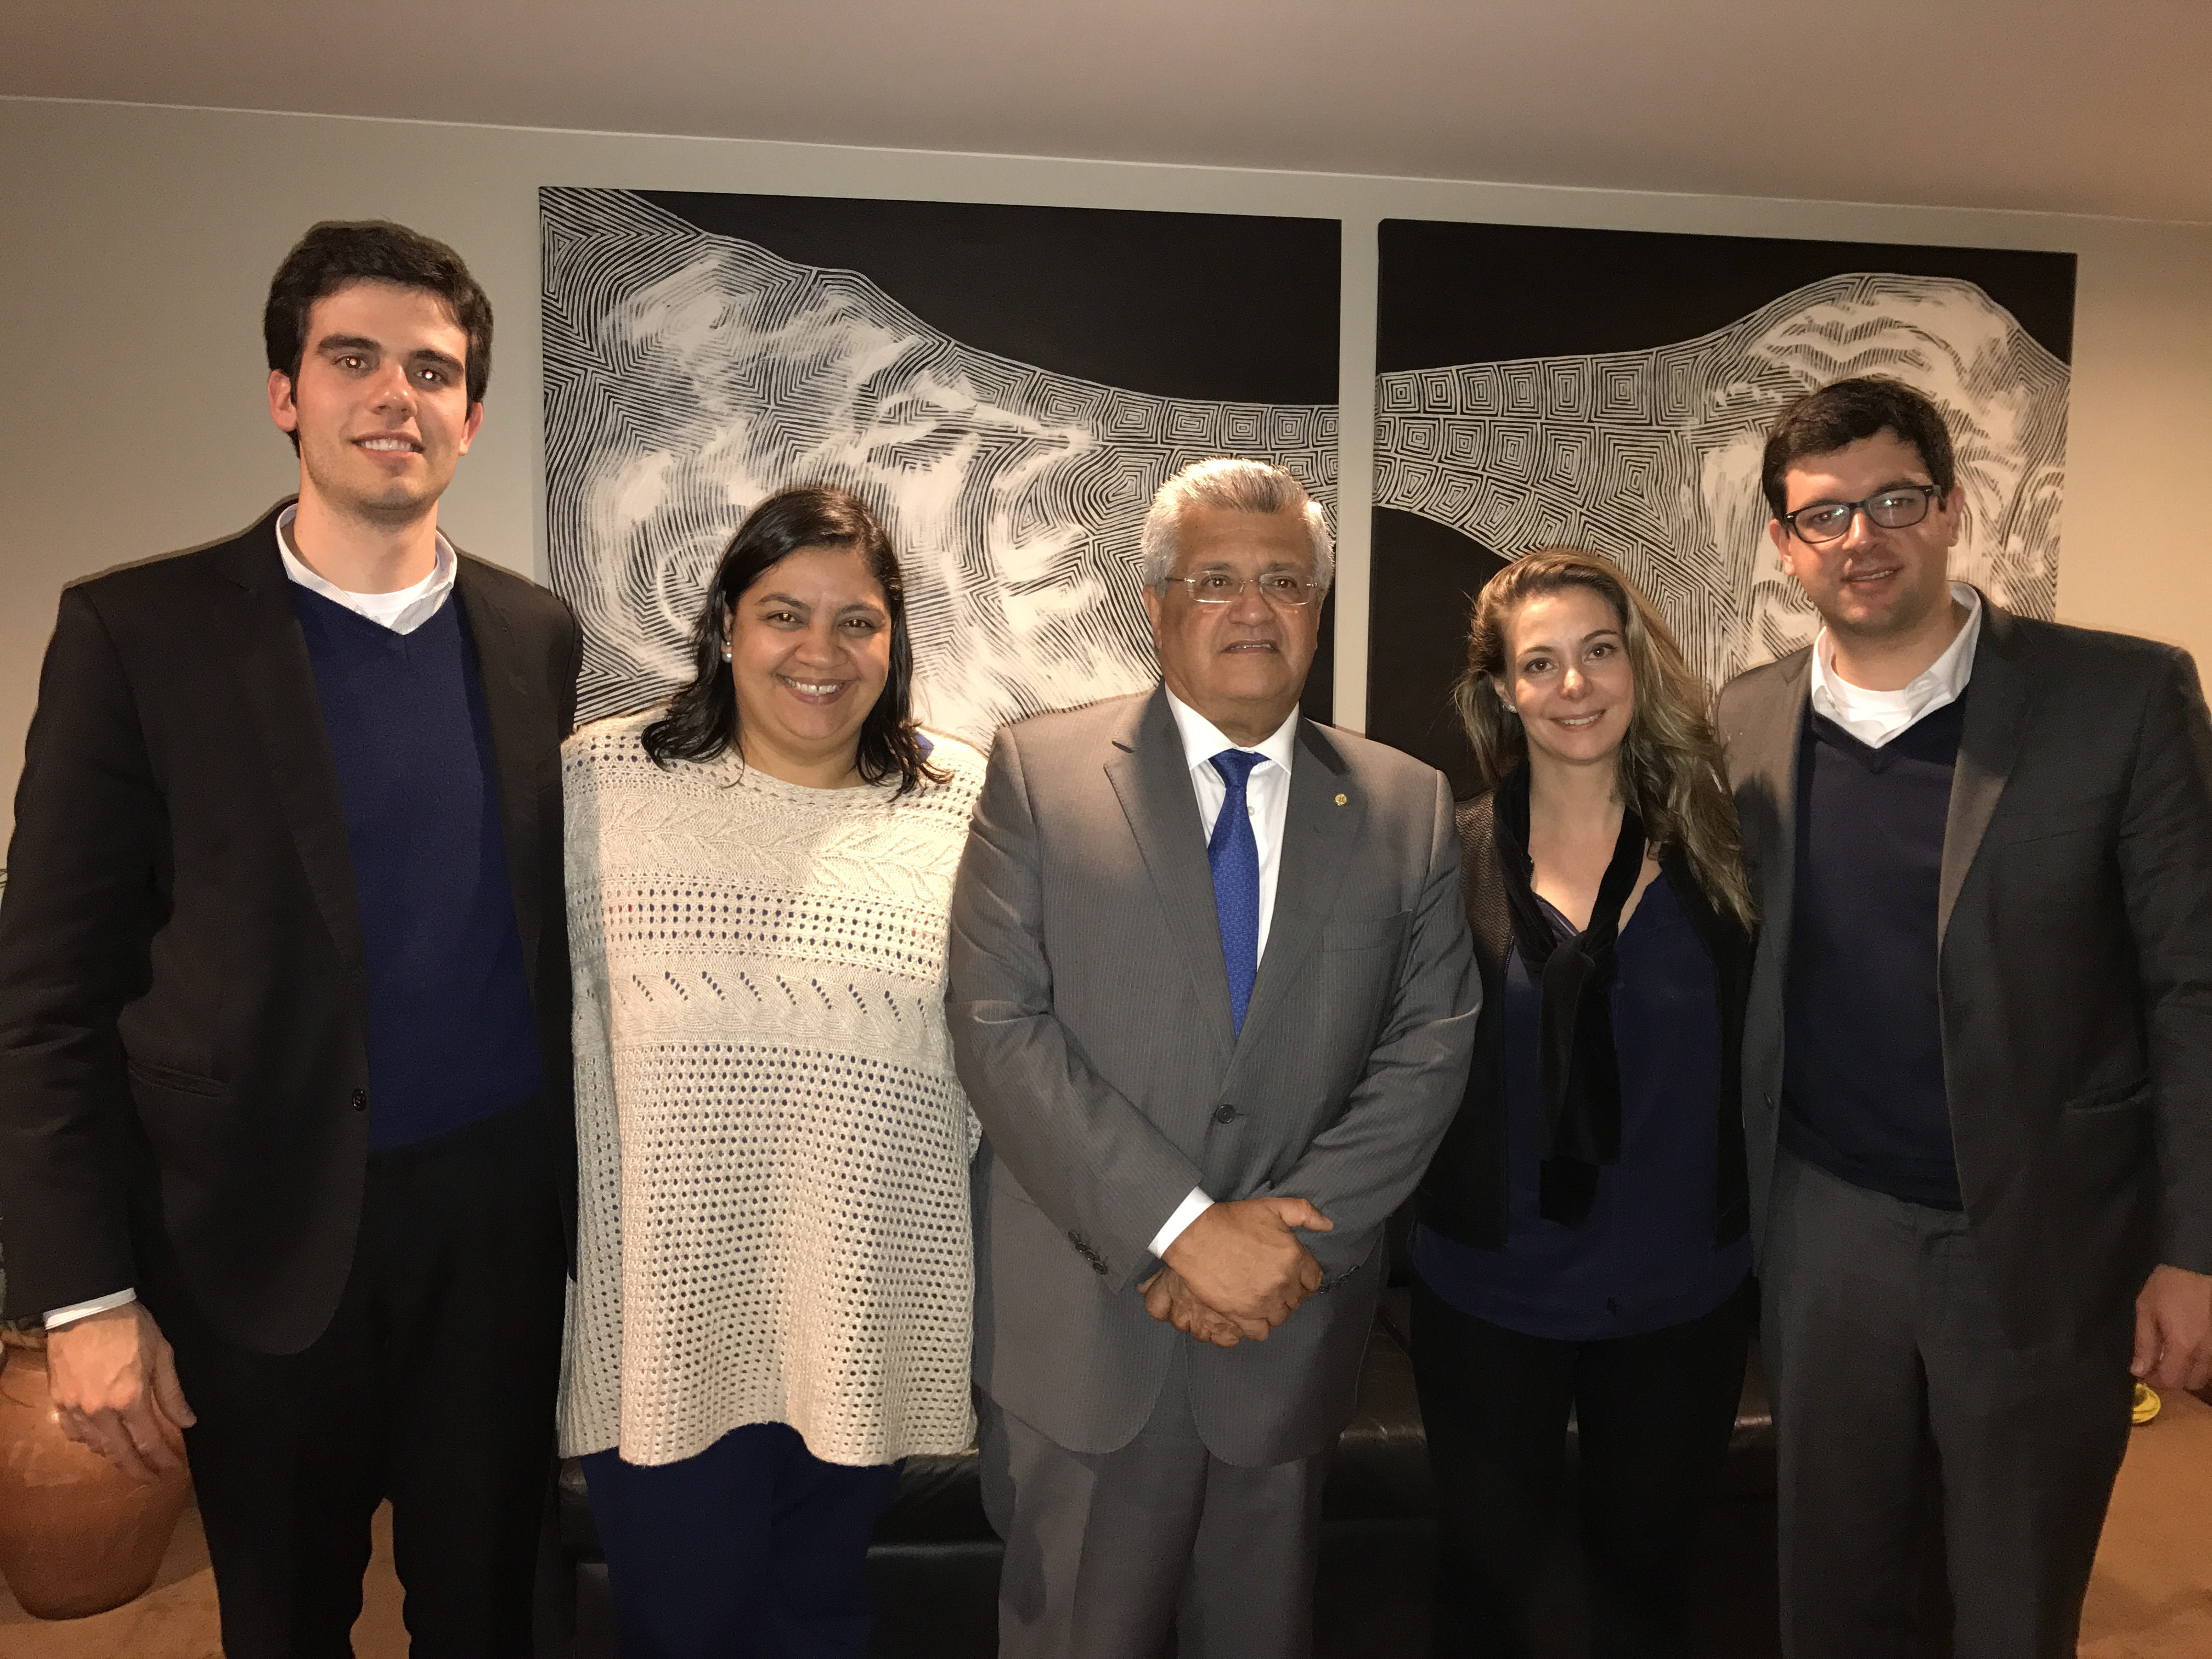 Bacelar e movimento Todos pela Educação definem ação conjunta para avanços no PNE